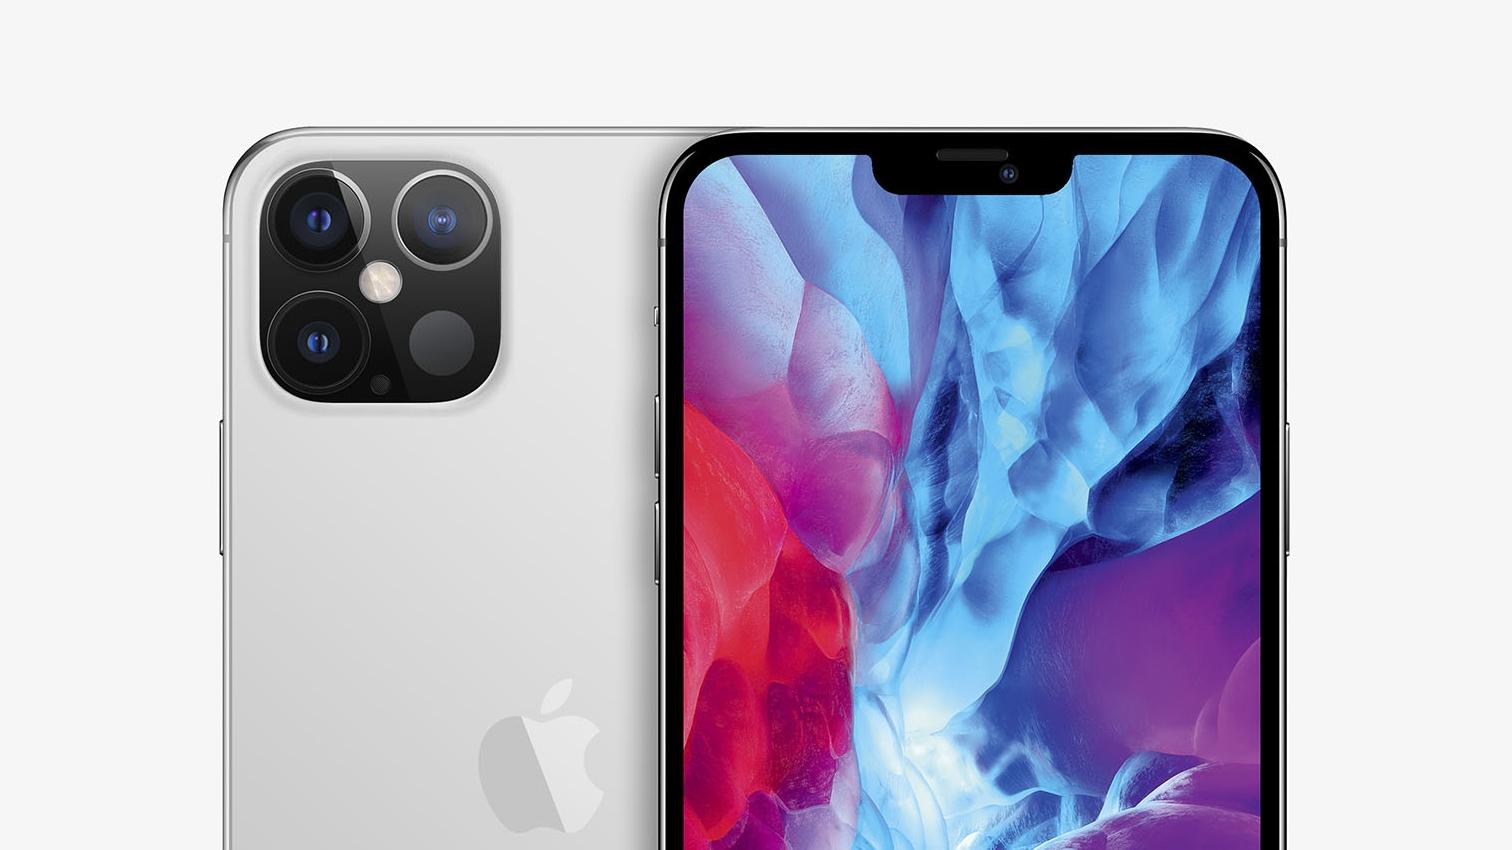 Nové iPhony 12 s úhlopříčkou 6,1 se začnou vyrábět dříve než ostatní